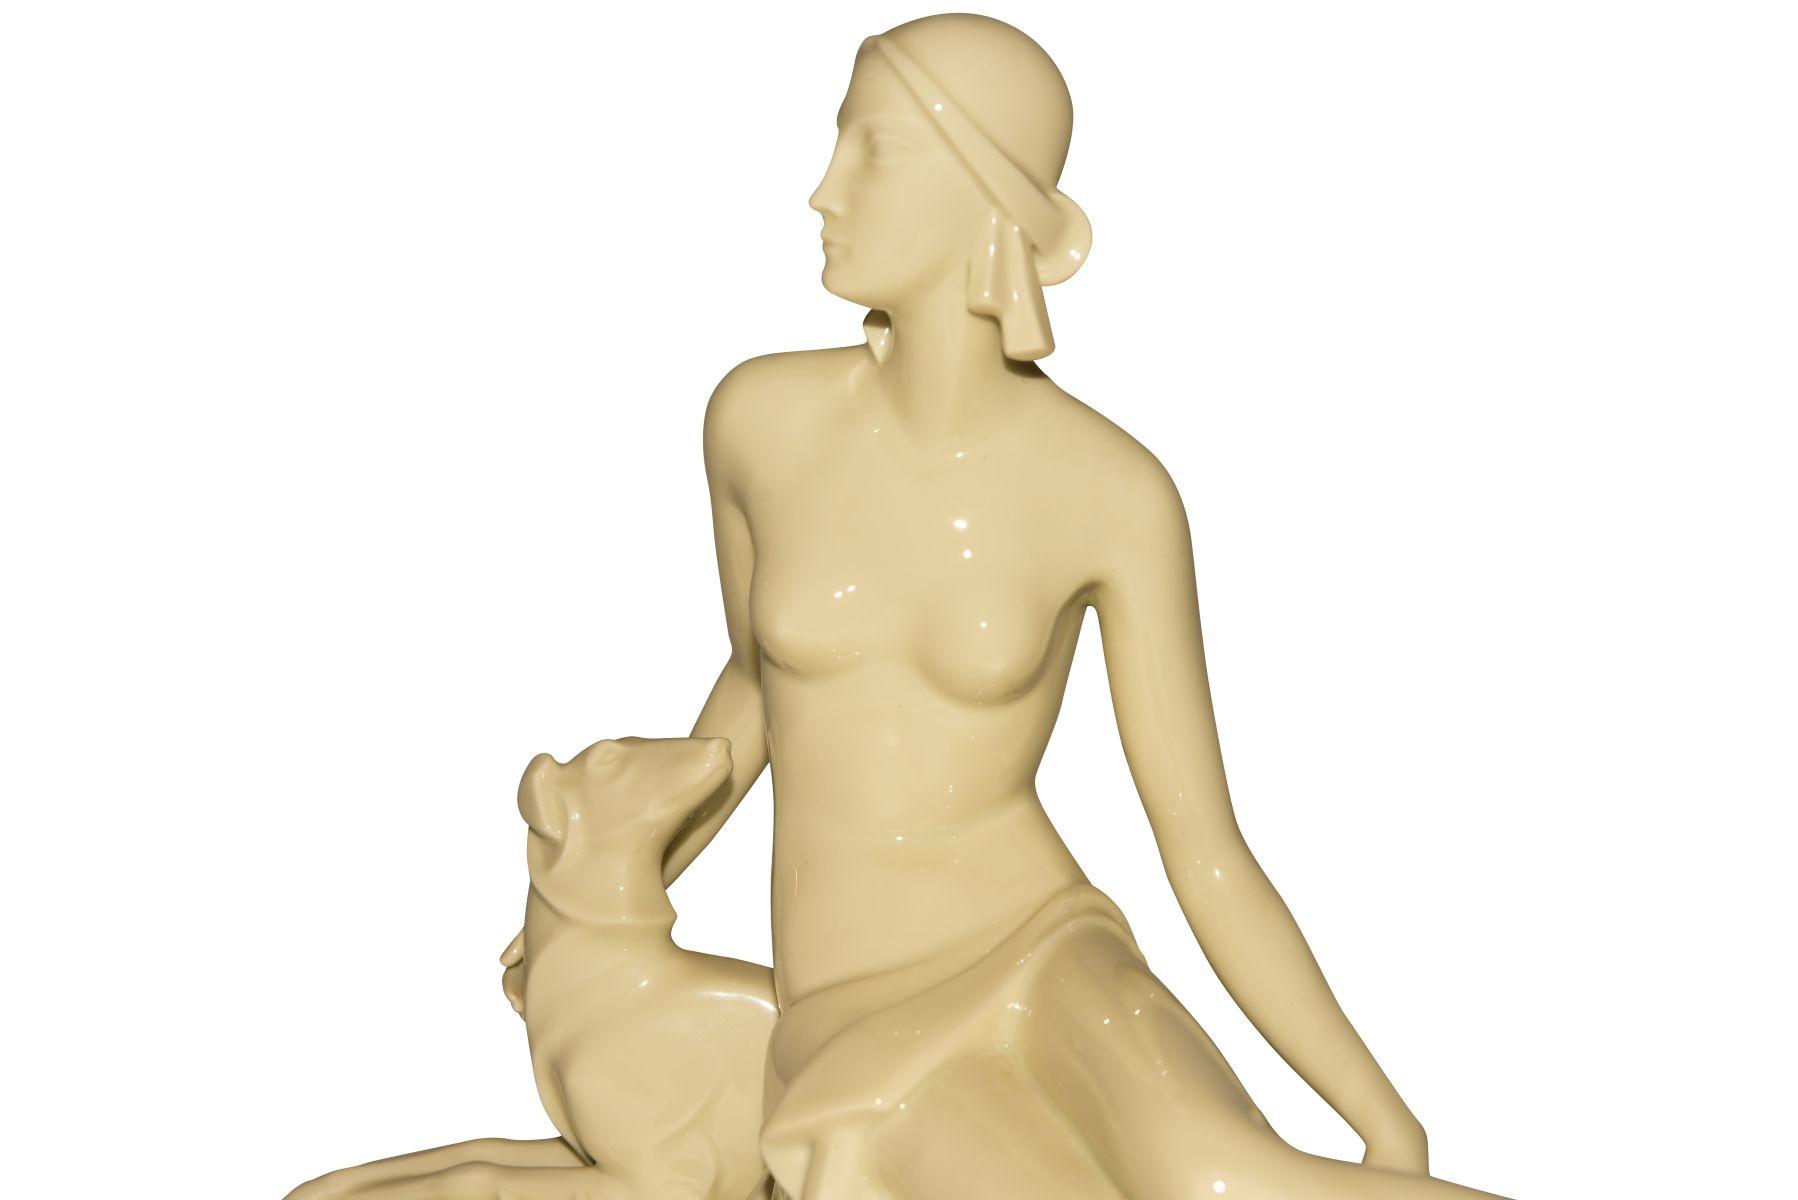 Diana mit Windhund Rosenthal - Bild 3 aus 4